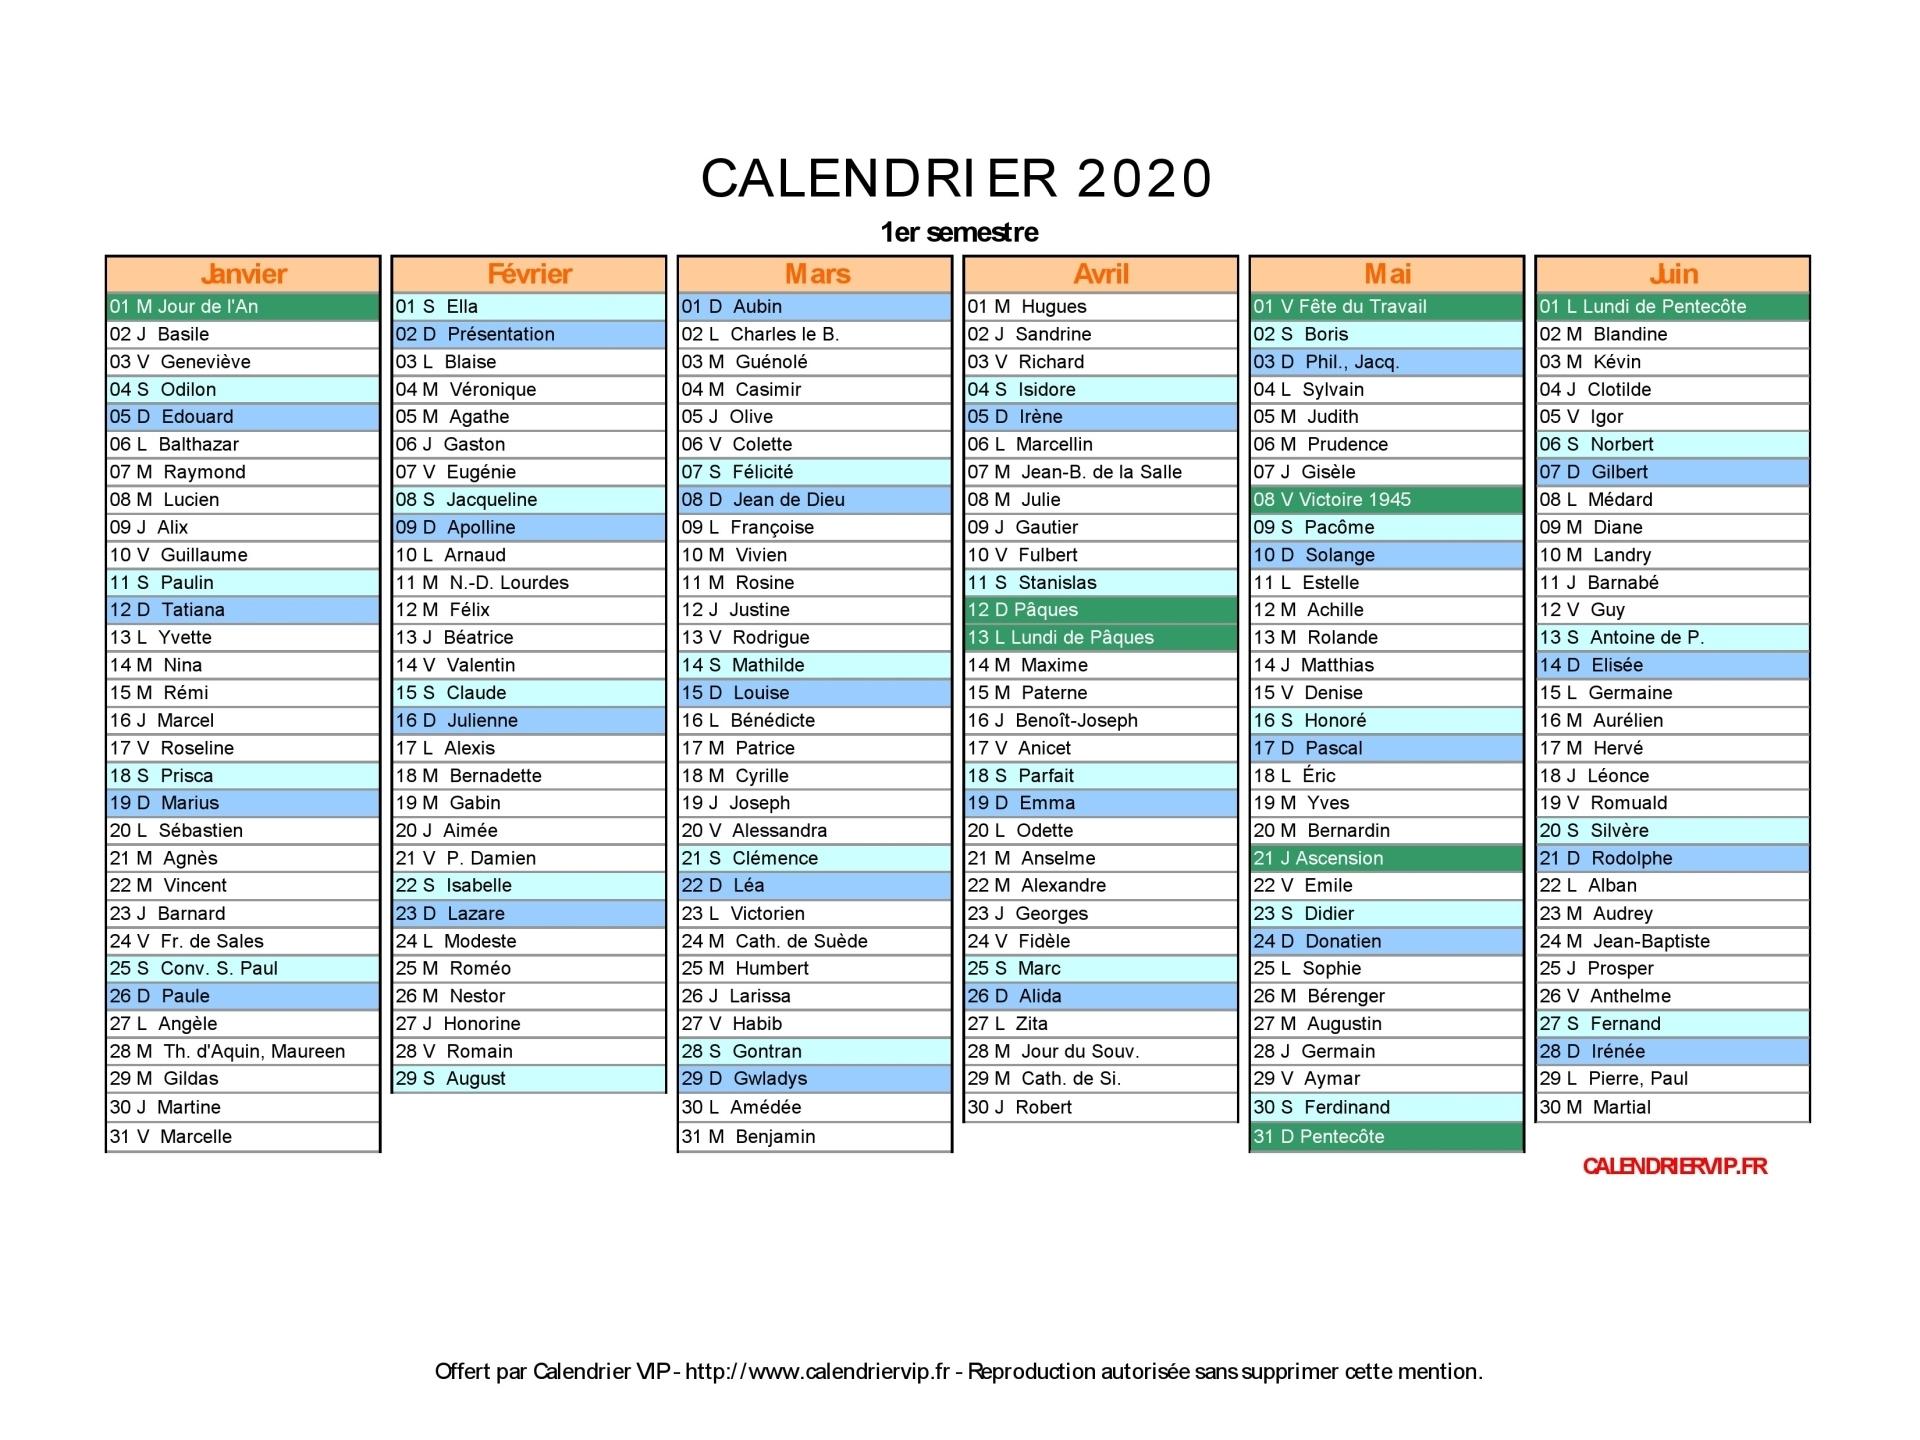 Calendrier 2020 À Imprimer Gratuit En Pdf Et Excel destiné Calendrier 2Ème Semestre 2018